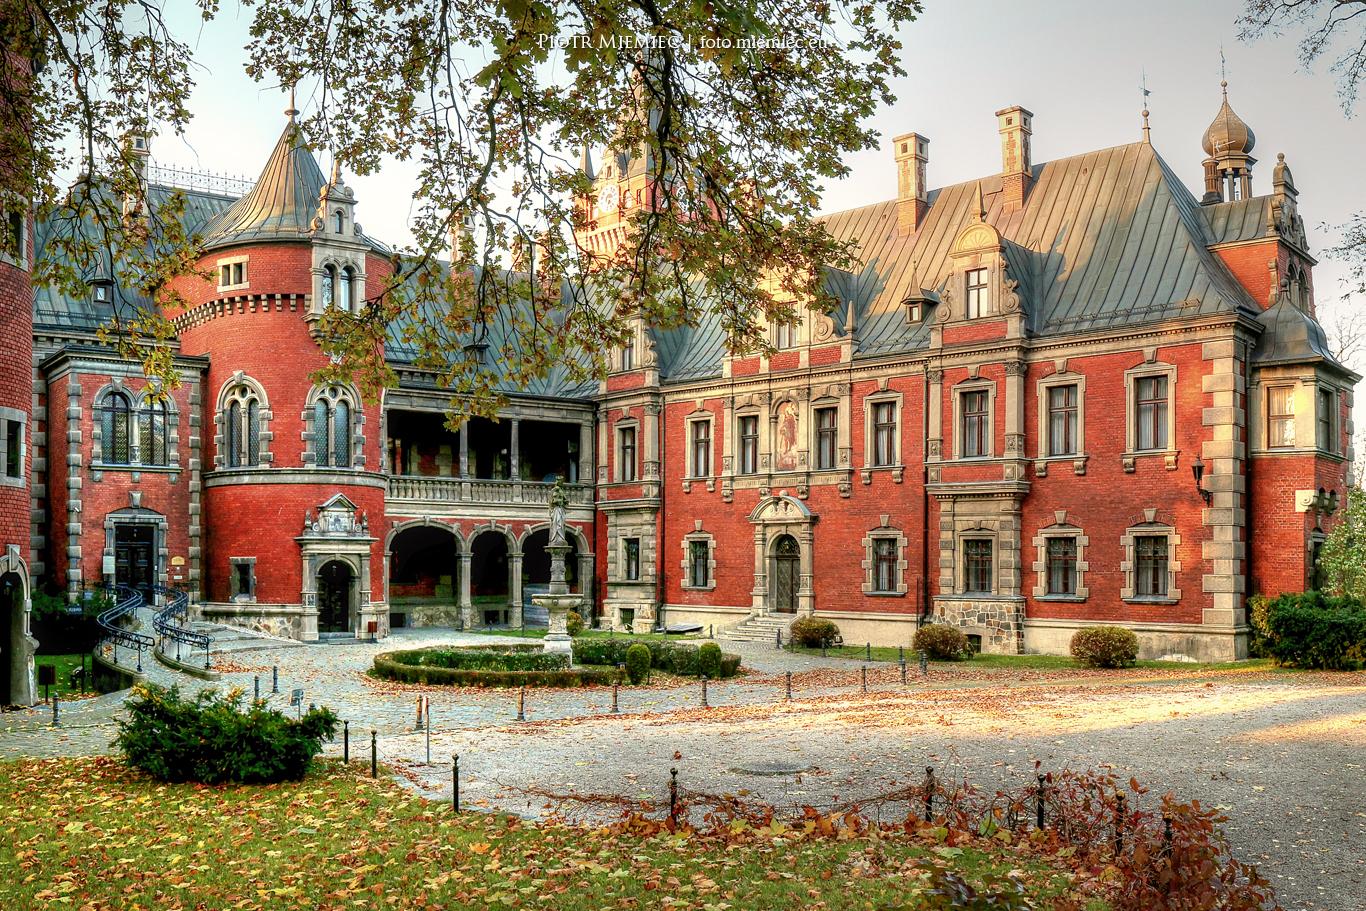 Zamki Pałace i Dwory